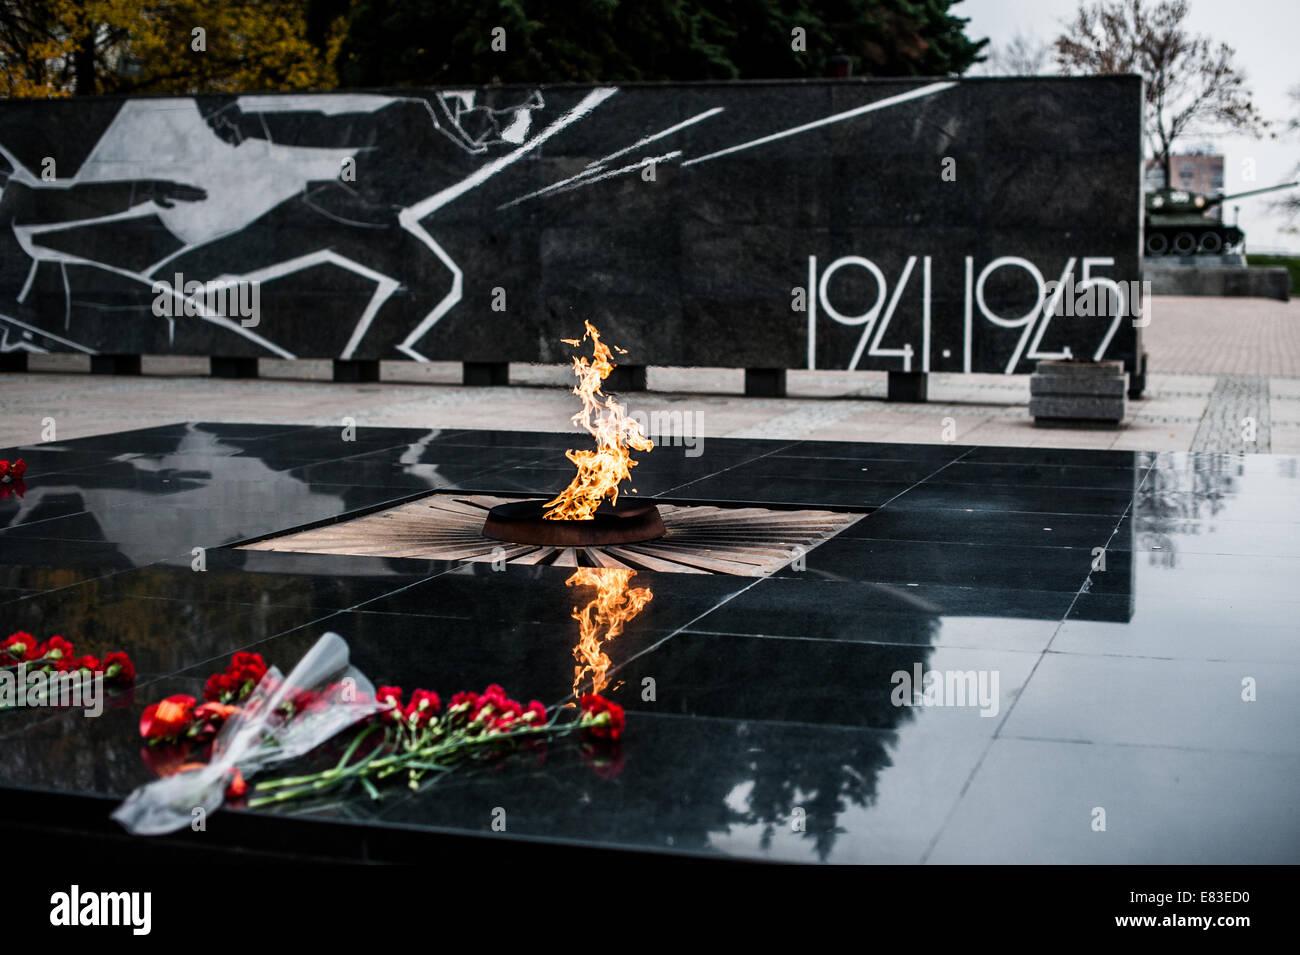 Un fuoco eterno. Monumento ai soldati che sono andati persi nella grande guerra otechestvonny. Immagini Stock